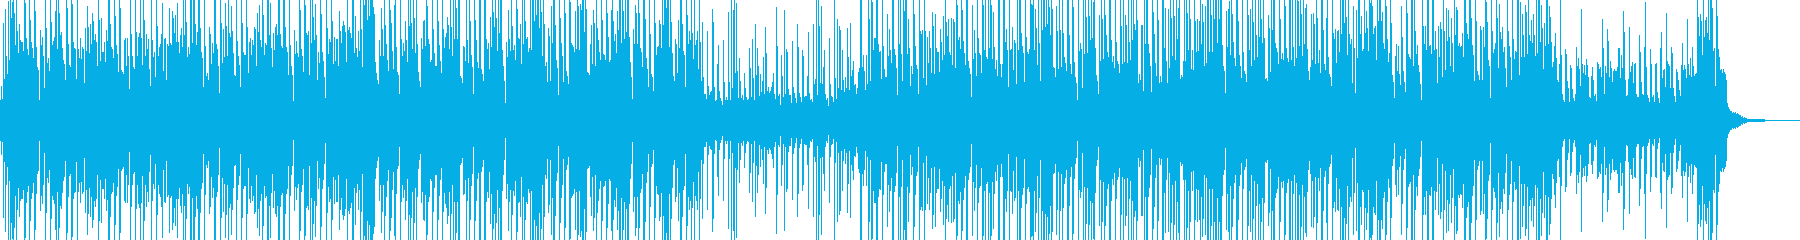 まったりした雰囲気のポップス Aの再生済みの波形